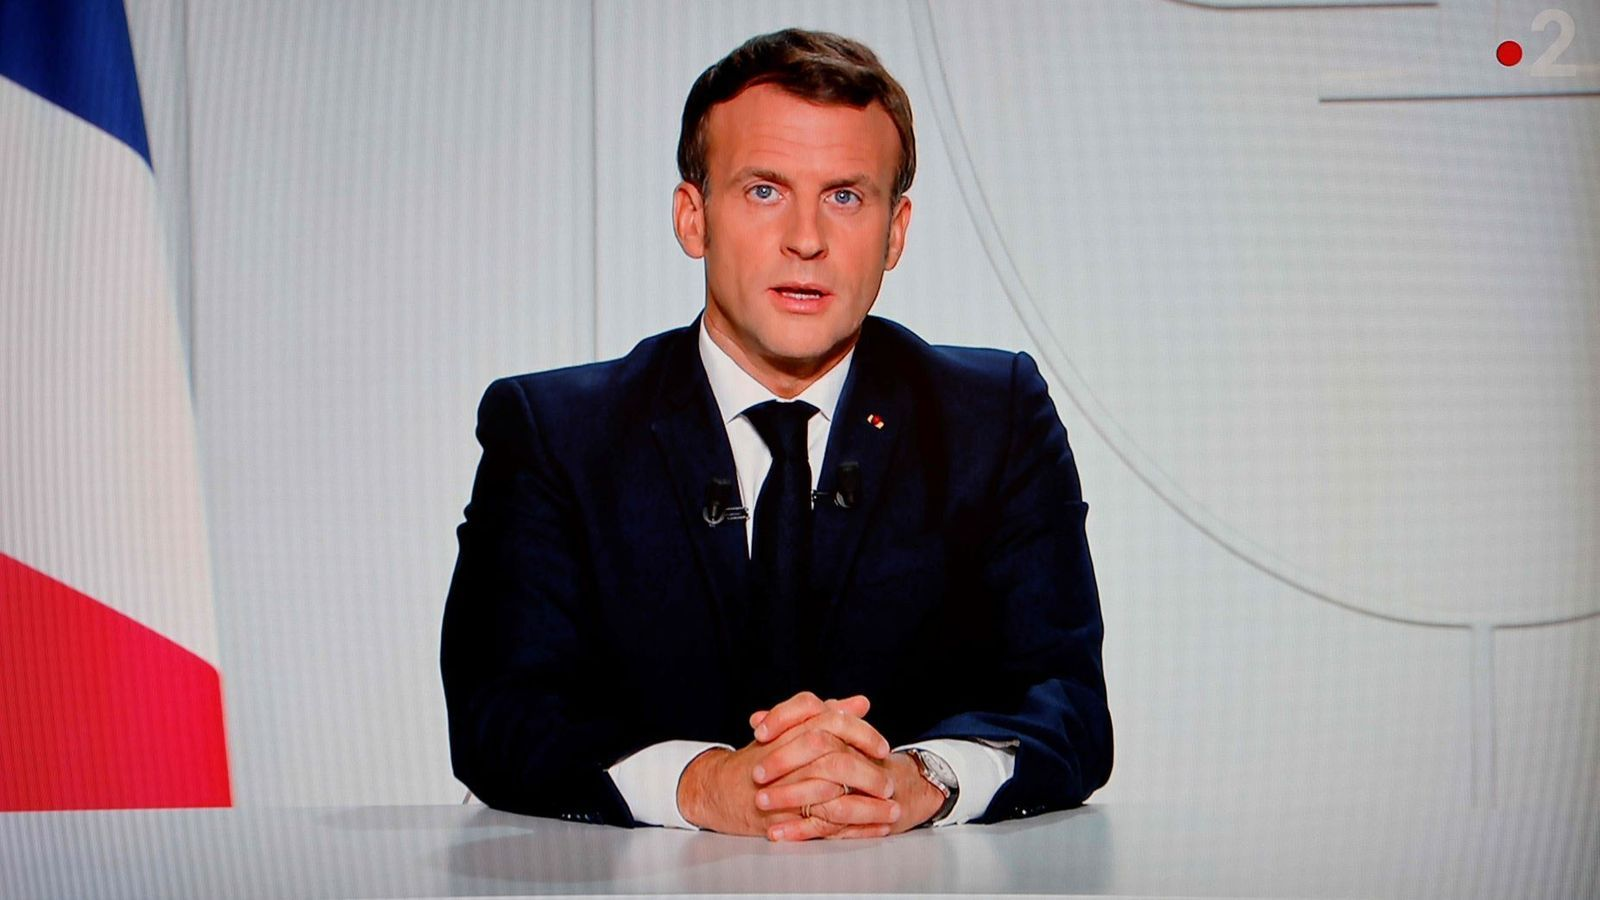 El president de França, Emmanuel Macron, durant el seu discurs d'aquest dimecres